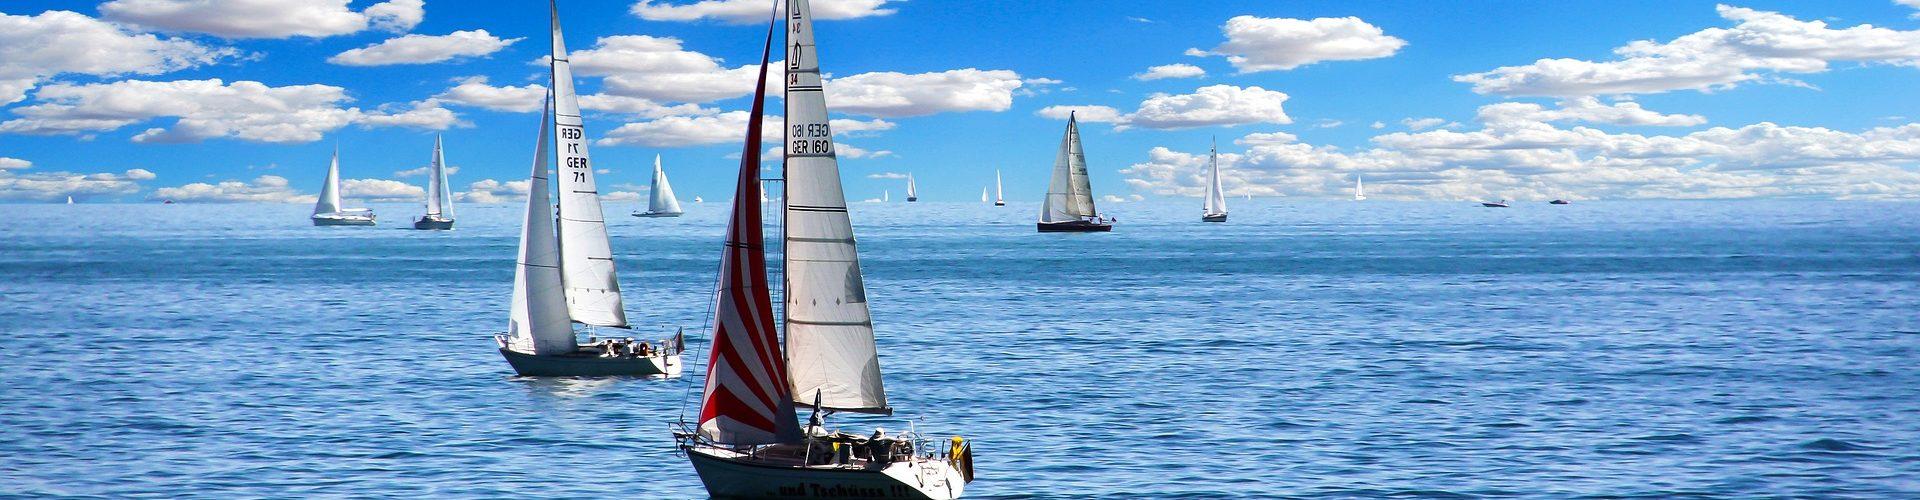 segeln lernen in Saarburg segelschein machen in Saarburg 1920x500 - Segeln lernen in Saarburg